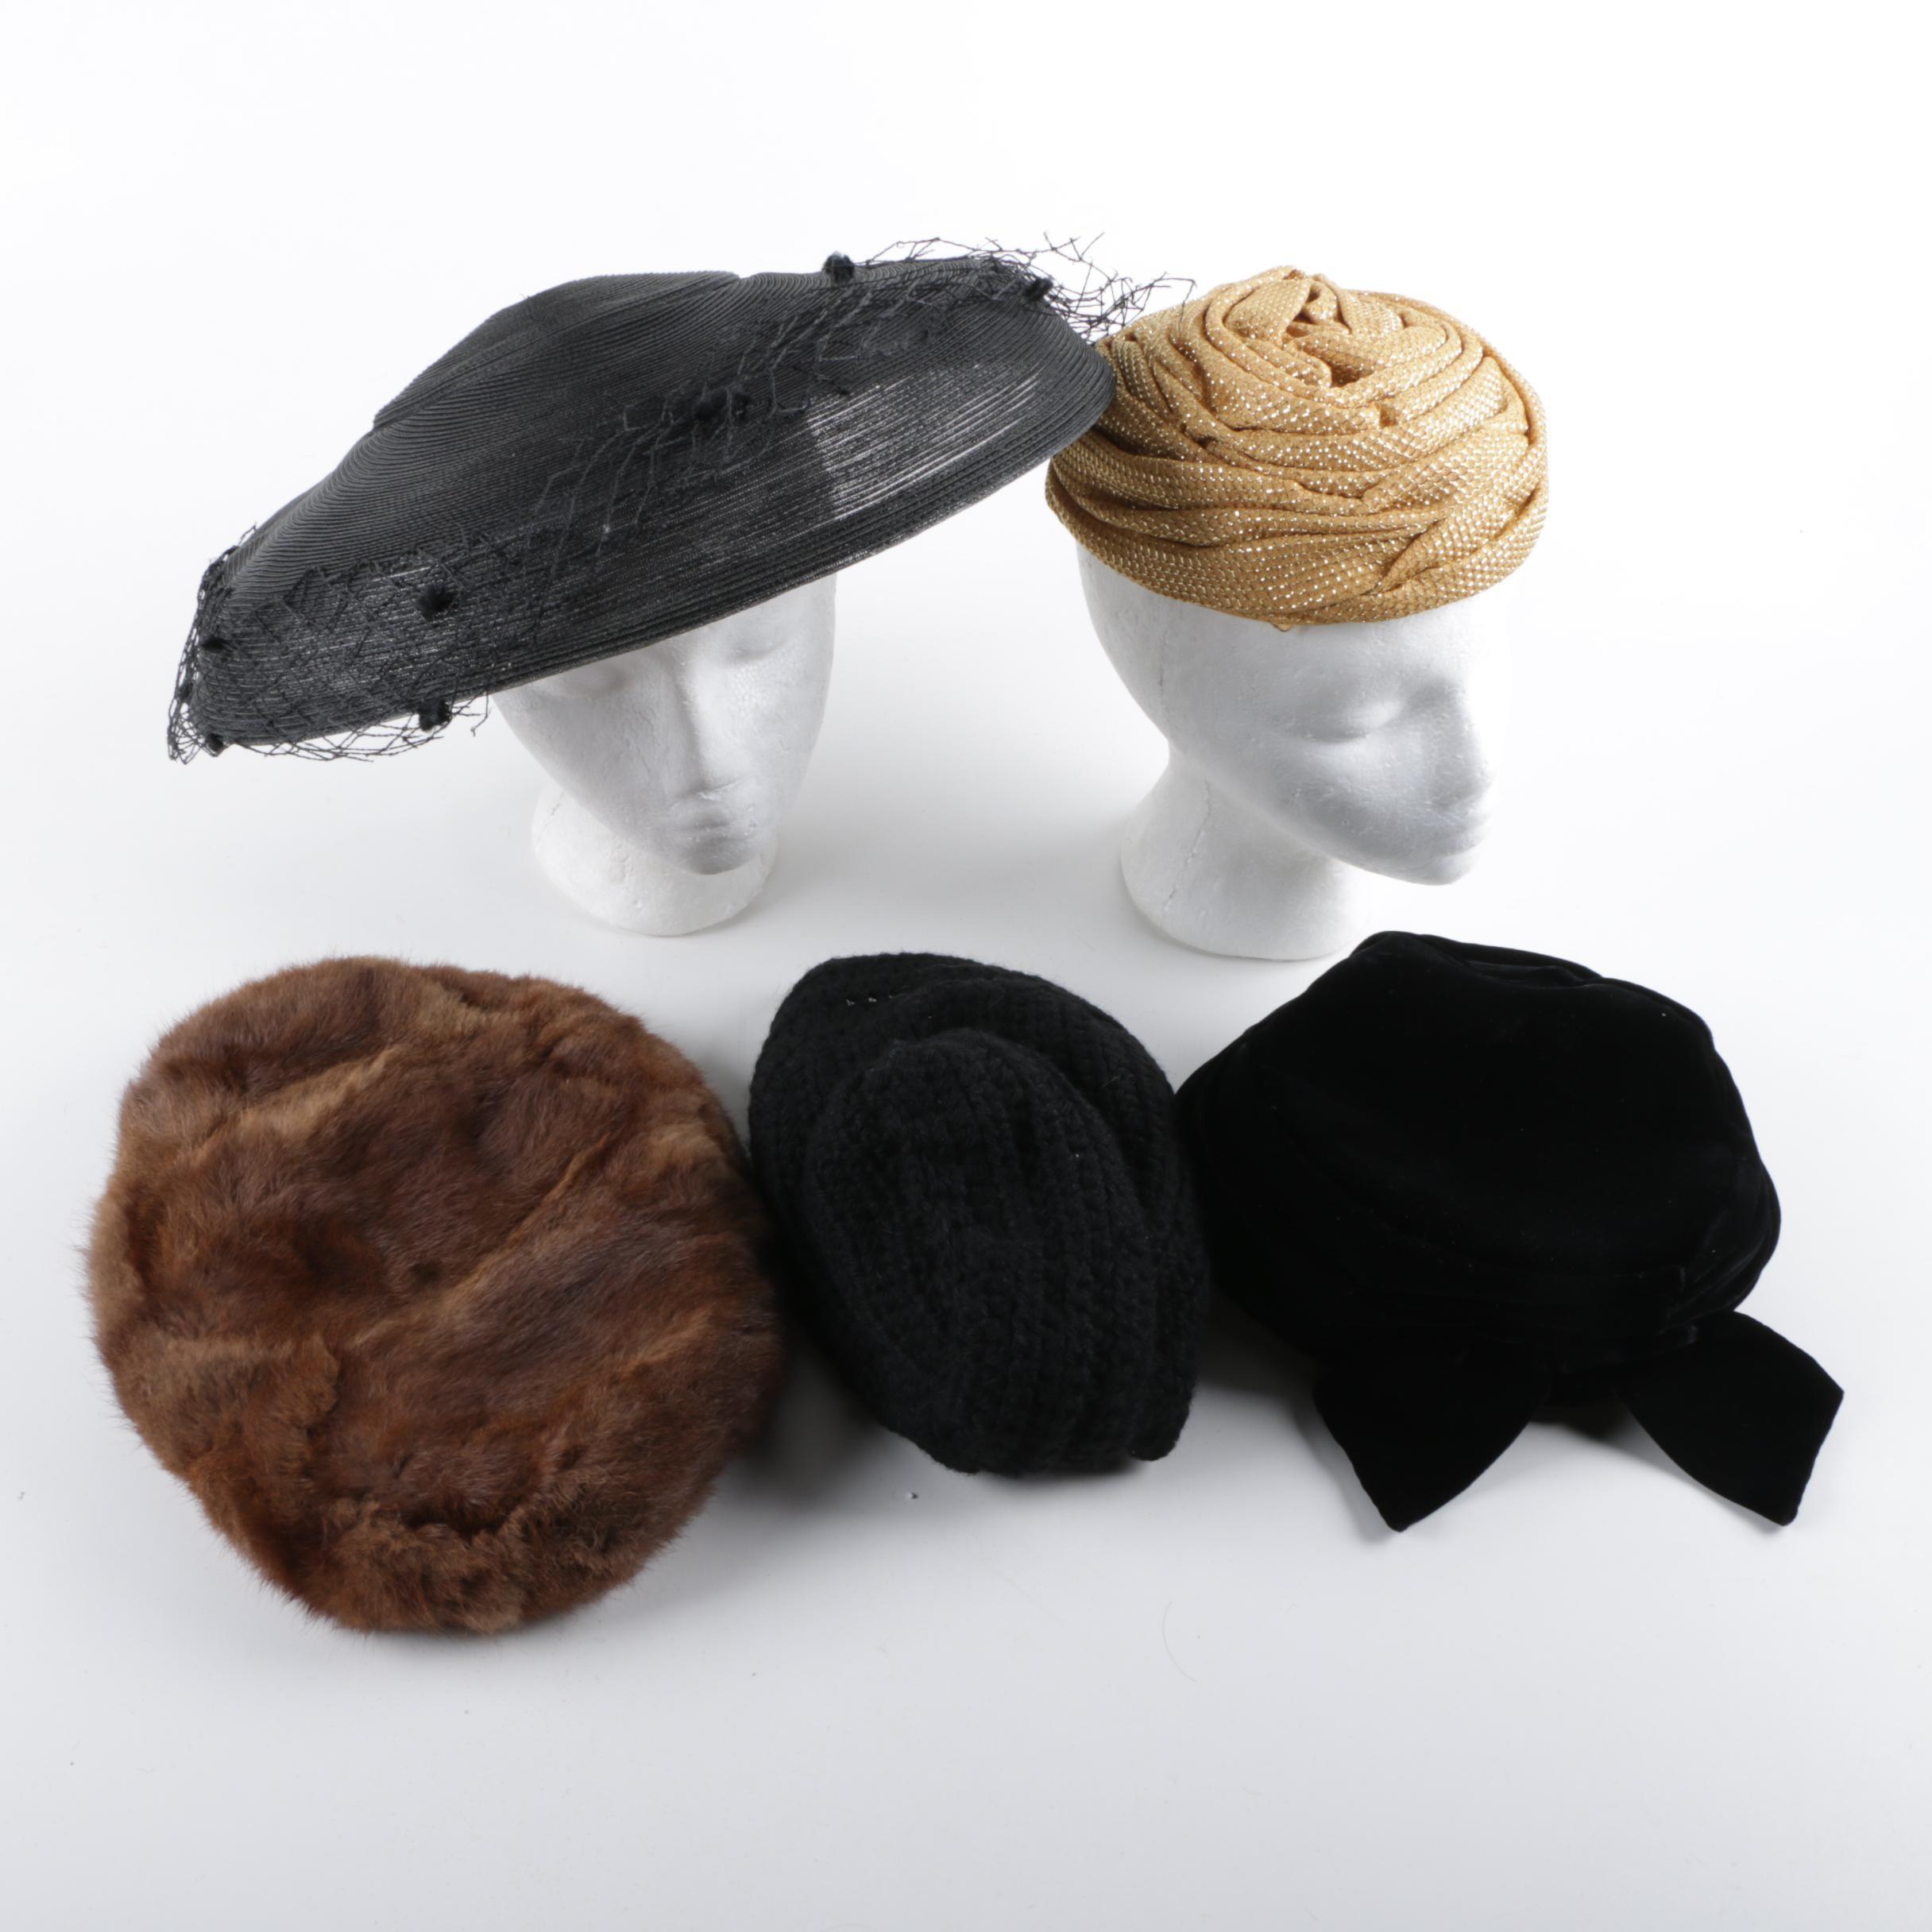 Women's Vintage Hats Including Bee's Bonnet Fur Hat